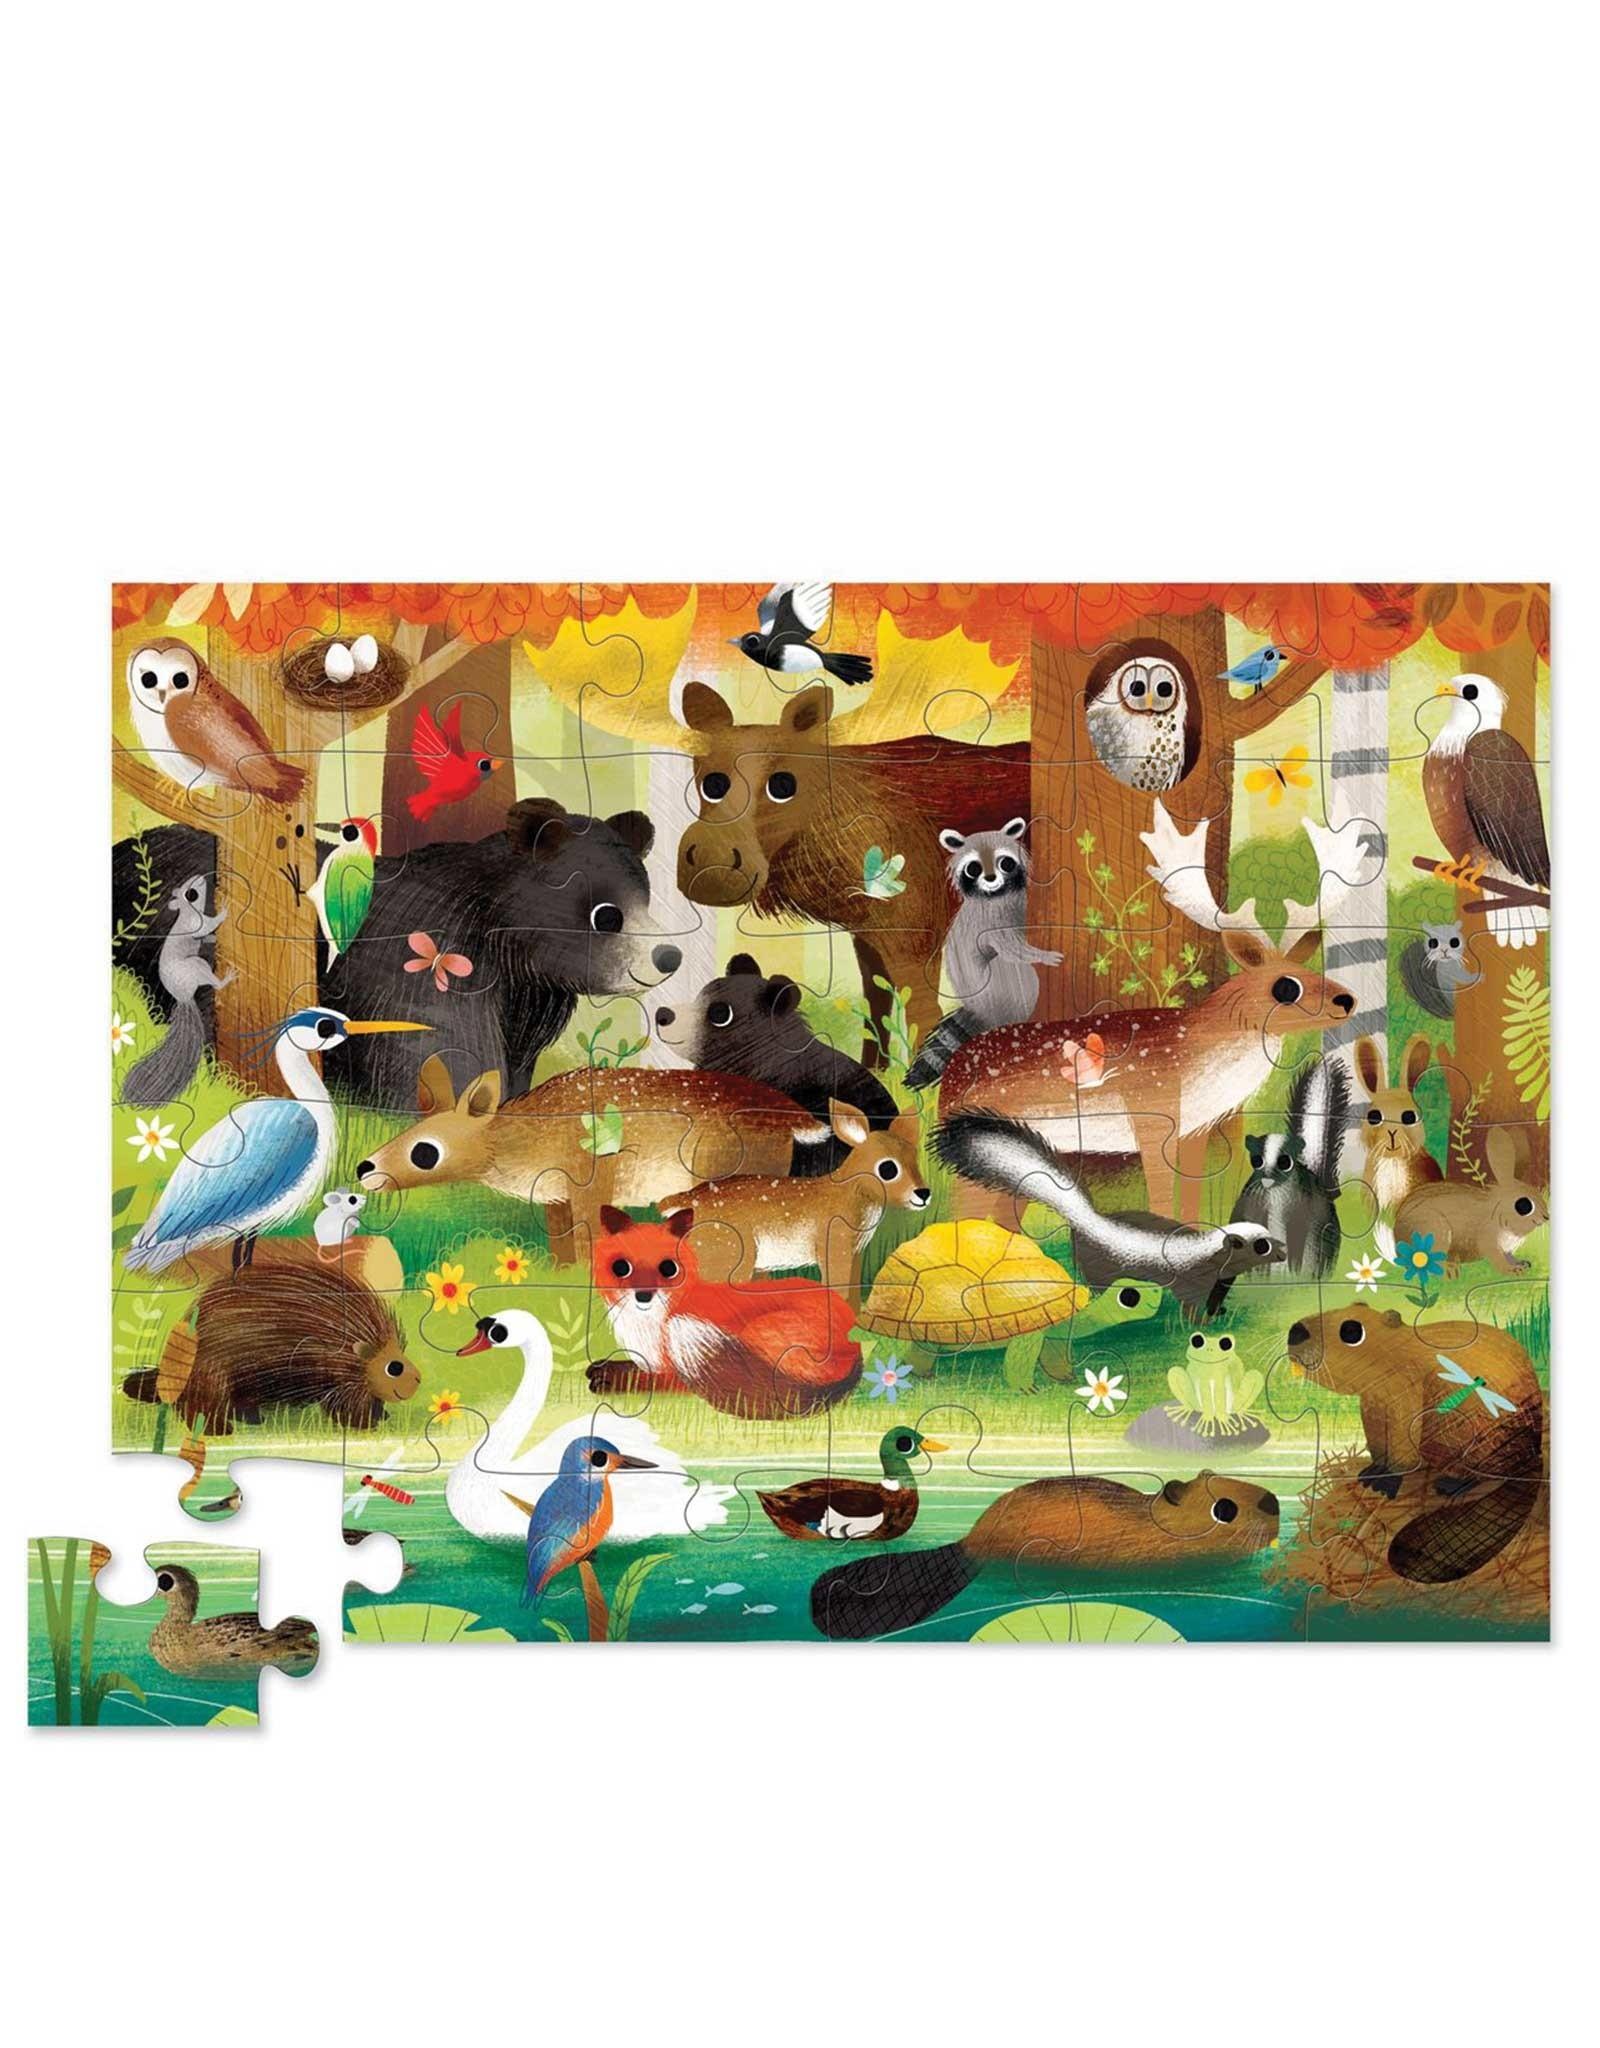 Crocodile Creek Puzzle - 36pieces - Forest Friends 3+